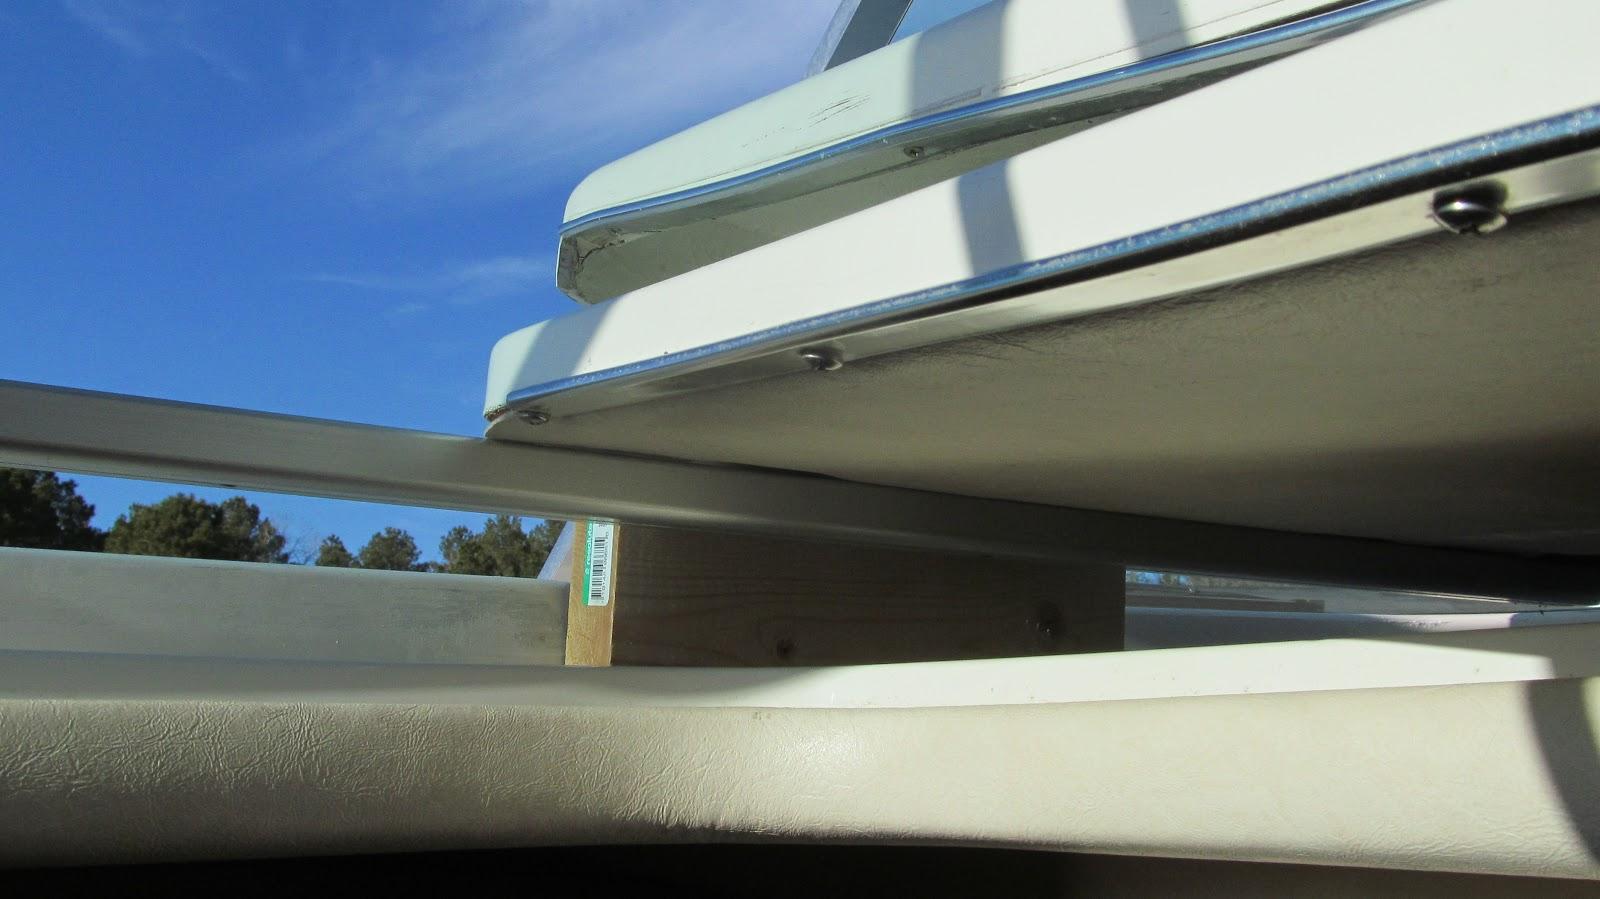 Cabin Door Upper Block Replacement | My Sea Ray Adventures